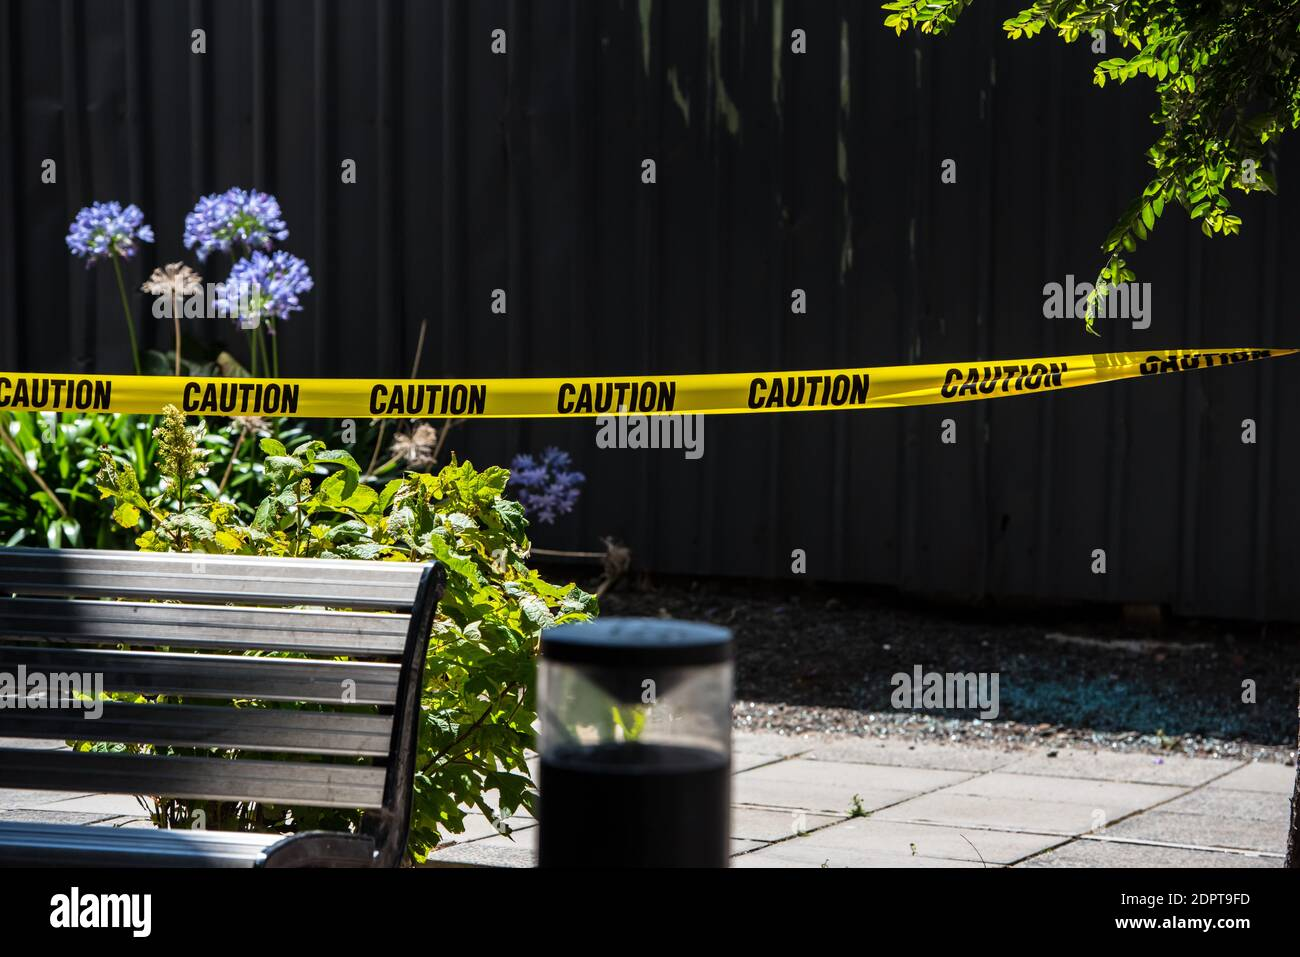 """Melbourne, Australia. 19 de diciembre de 2020. La policía acordonó la escena del crimen donde se encontró un rastro de sangre.SE encontró A un hombre con graves lesiones en las manos y después de una investigación policial se encontró que era un """"incidente médico"""" donde las heridas eran informes de la policía autoinfligidos. Crédito: SOPA Images Limited/Alamy Live News Foto de stock"""